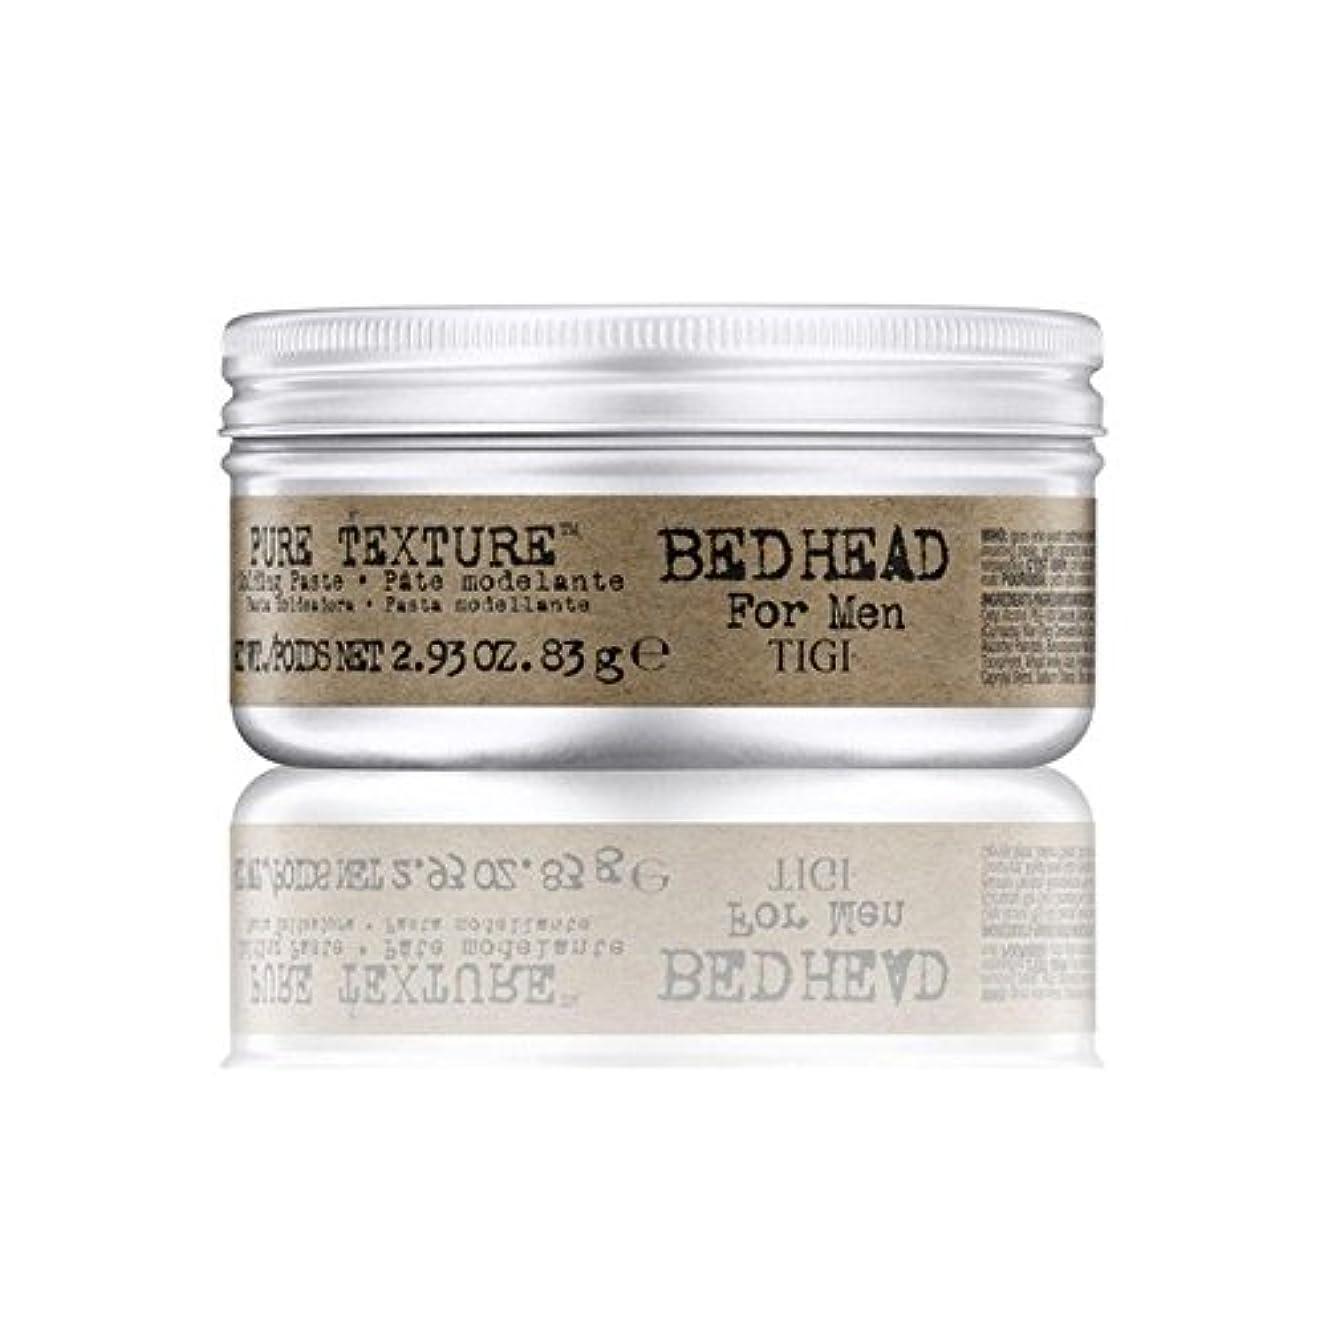 仲間持っている感覚男性の純粋なテクスチャーモールディングペースト(83グラム)のためのティジーベッドヘッド x2 - Tigi Bed Head For Men Pure Texture Molding Paste (83G) (Pack...